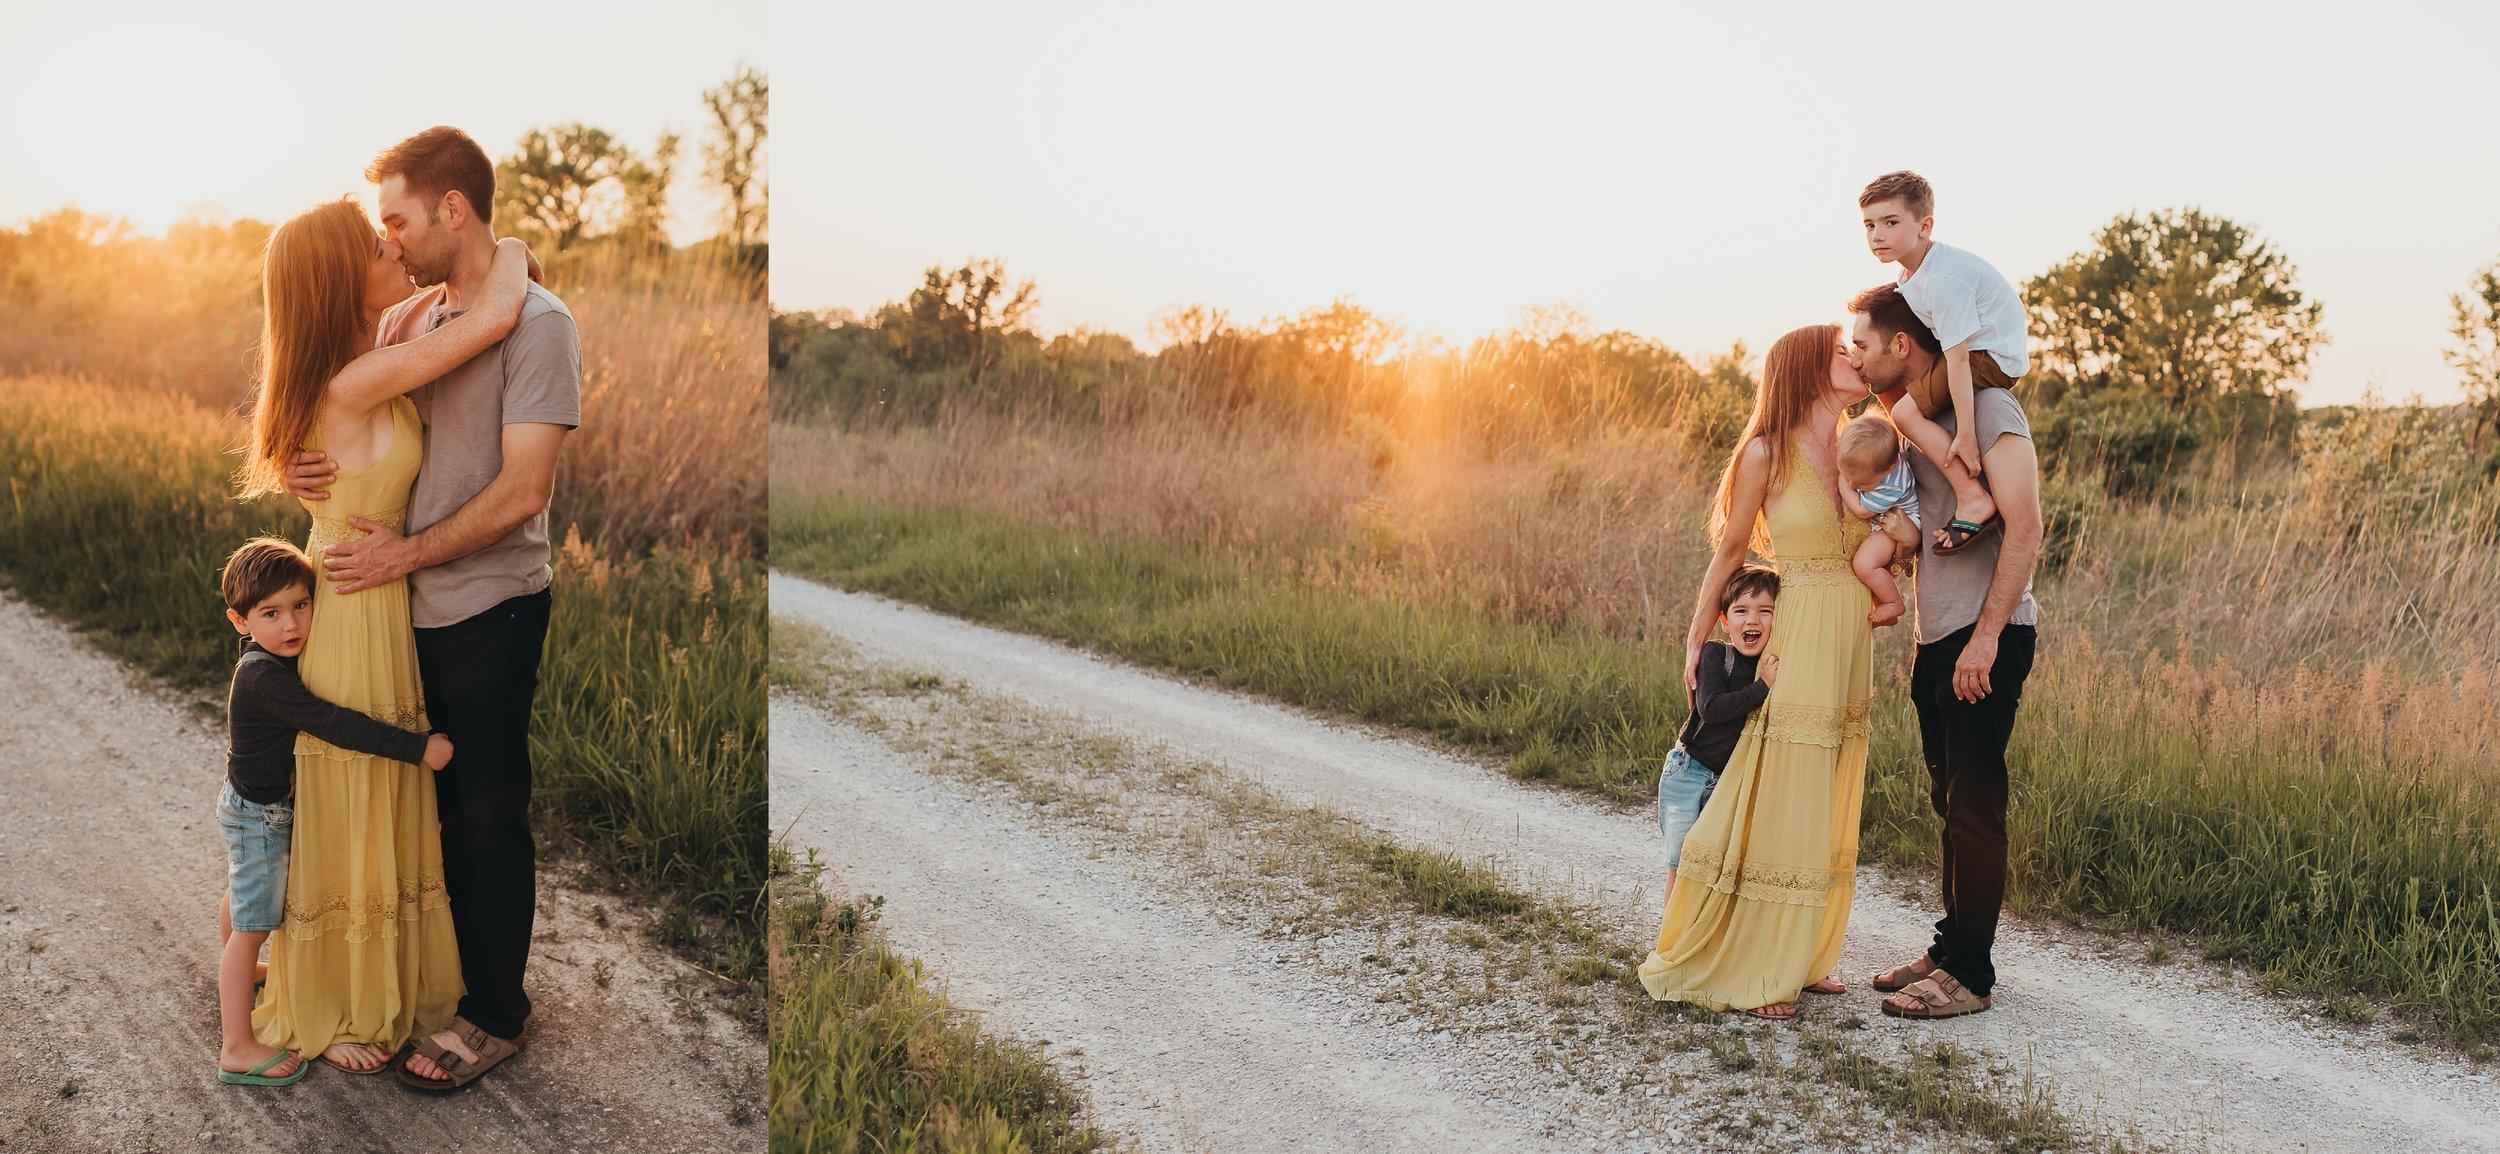 St. Louis couples photographer